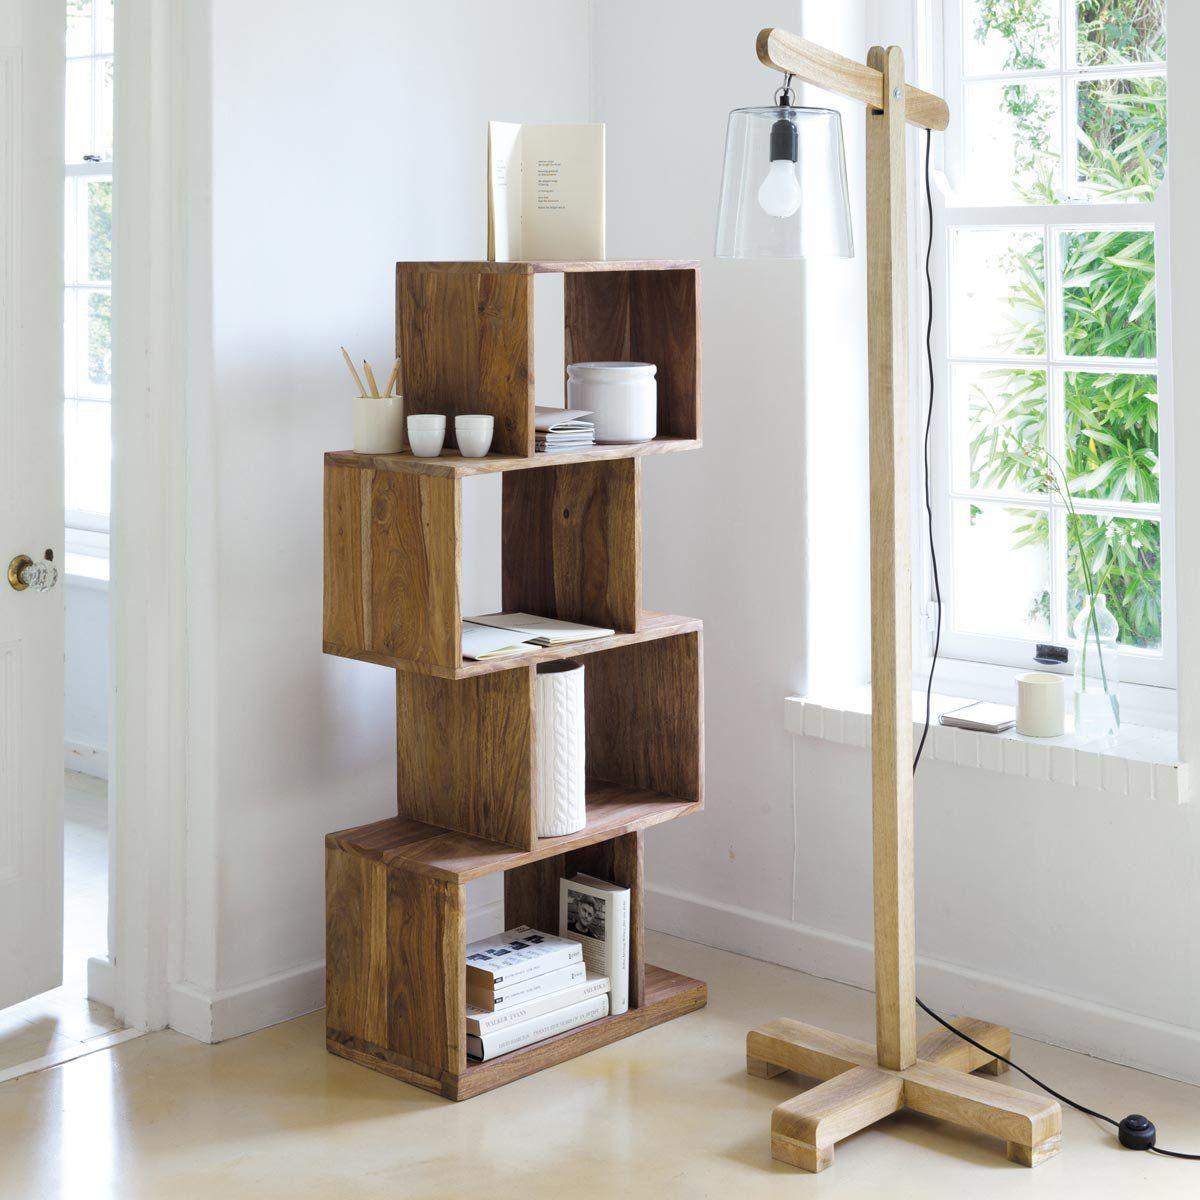 Design Opbergrek Stockholm Opbergrek Plank Hedendaags Interieur